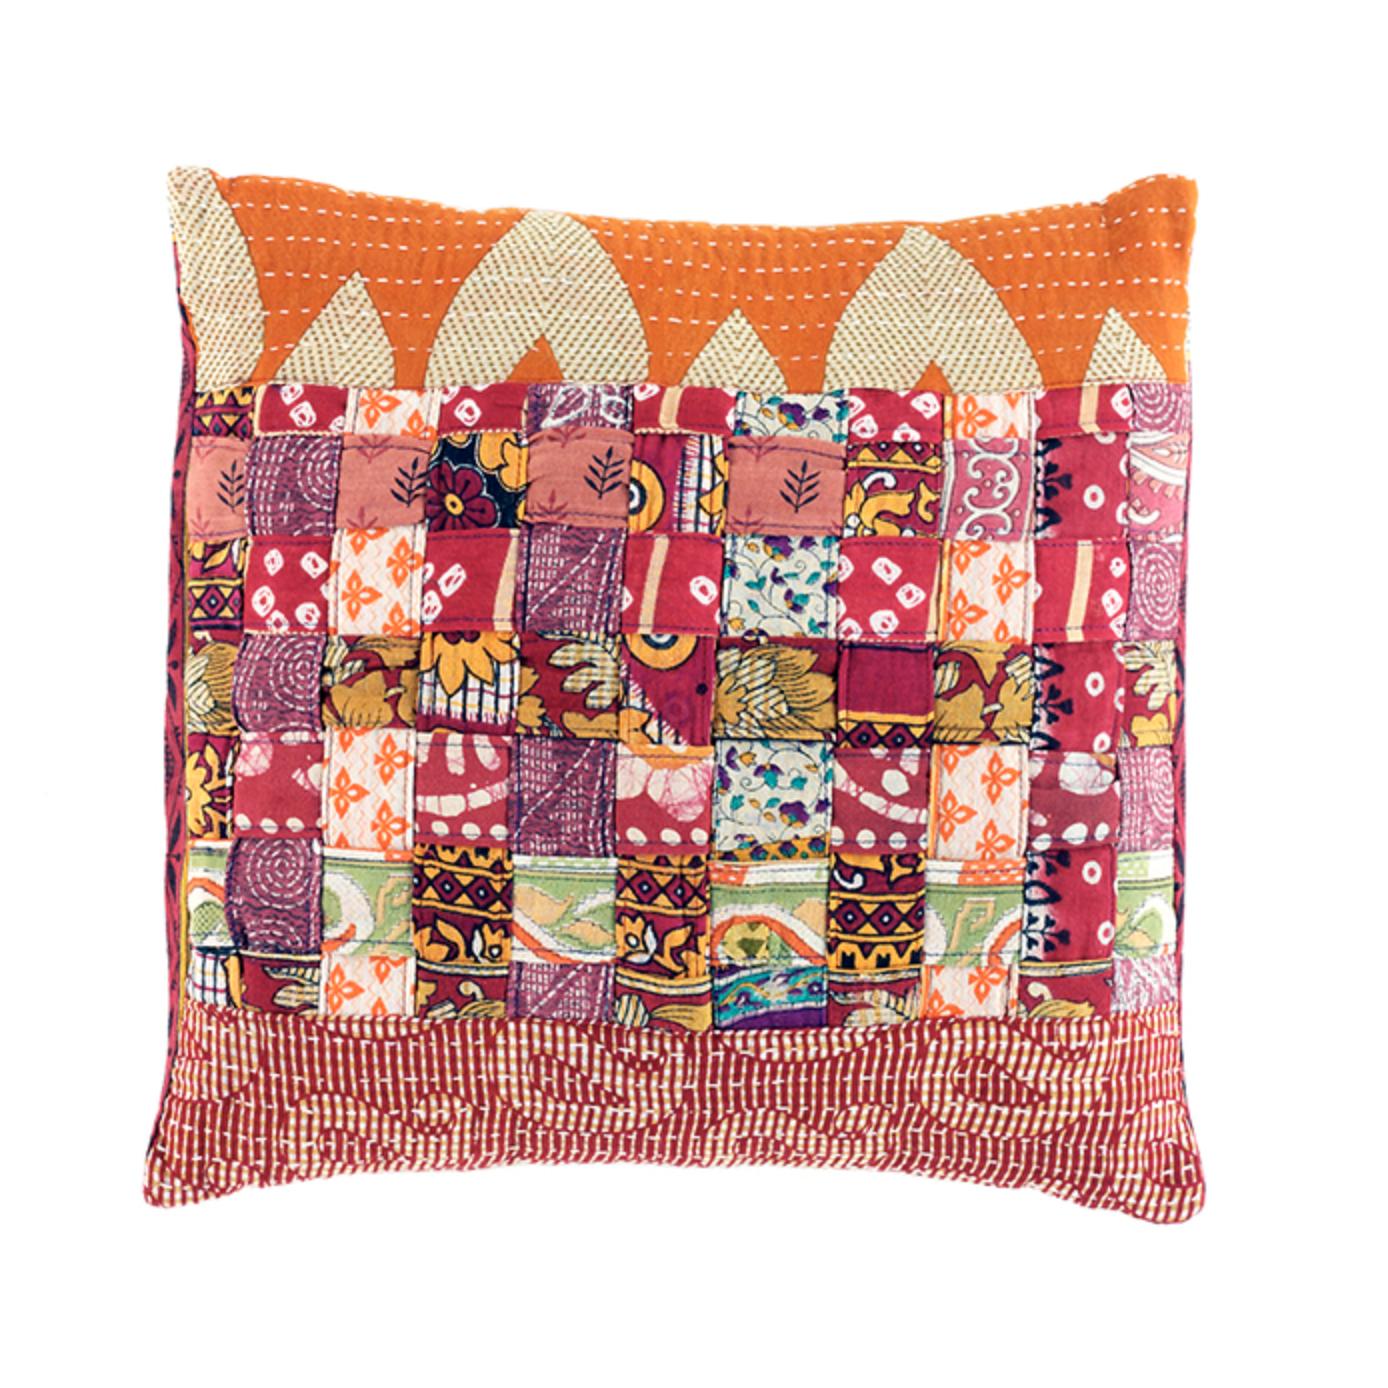 Warm Tones Kantha Basketweave Pillow